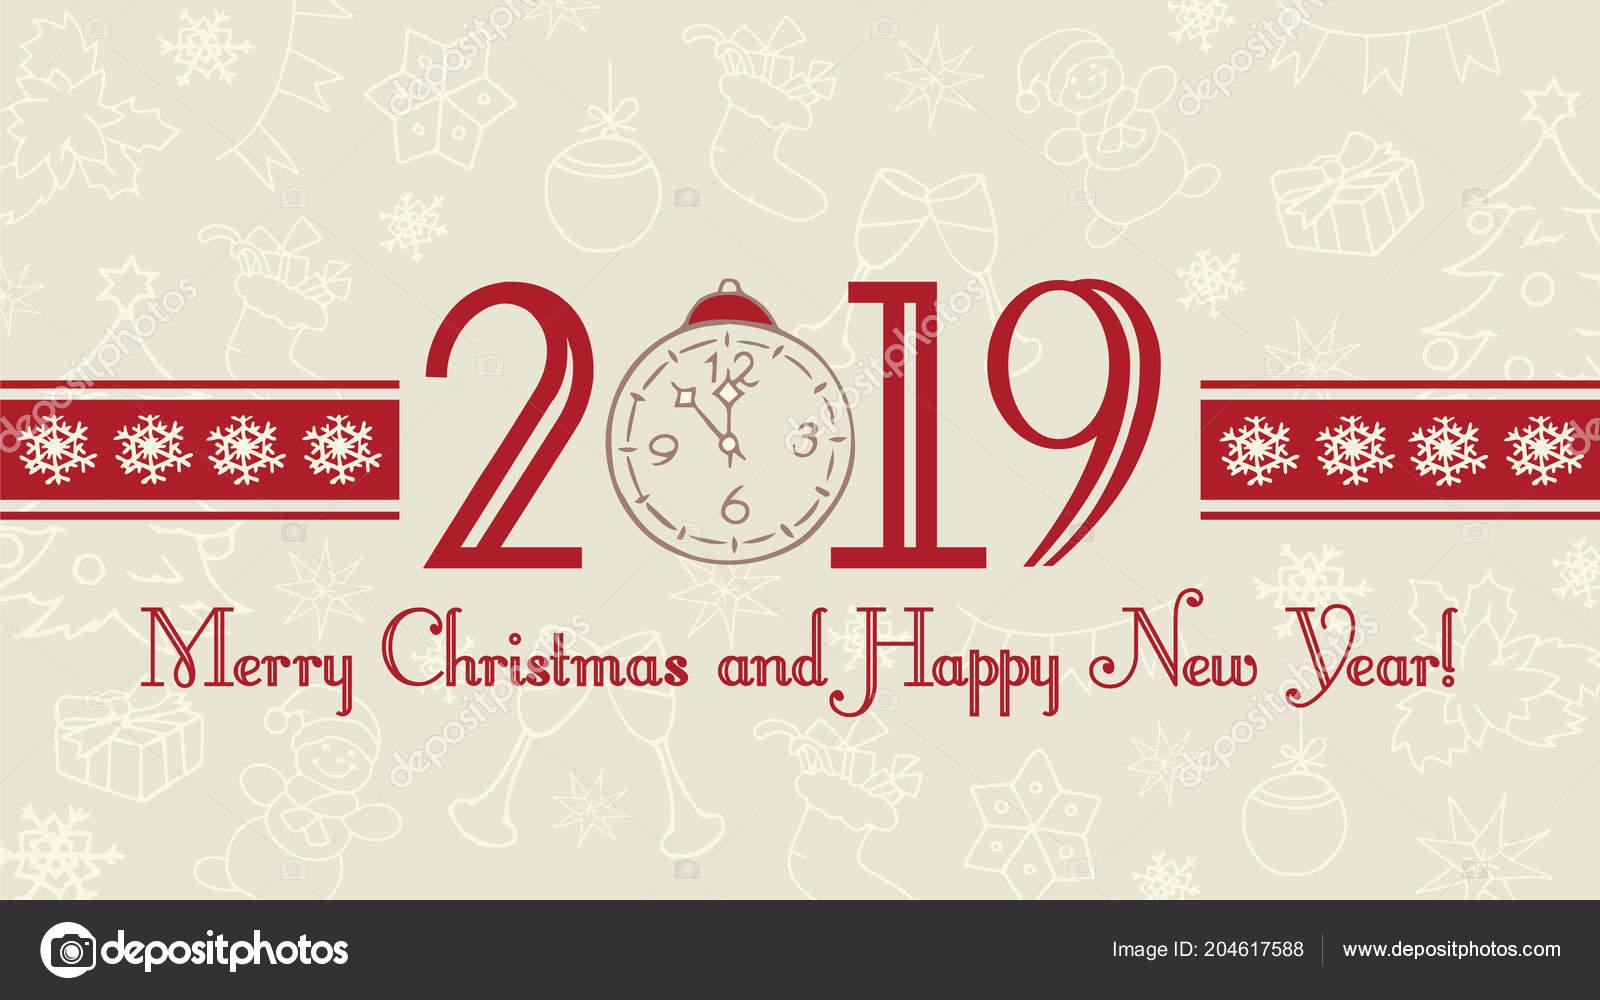 Photos De Joyeux Noel 2019.Fond Bonne Annee Joyeux Noel 2019 Banniere Web Etiquette